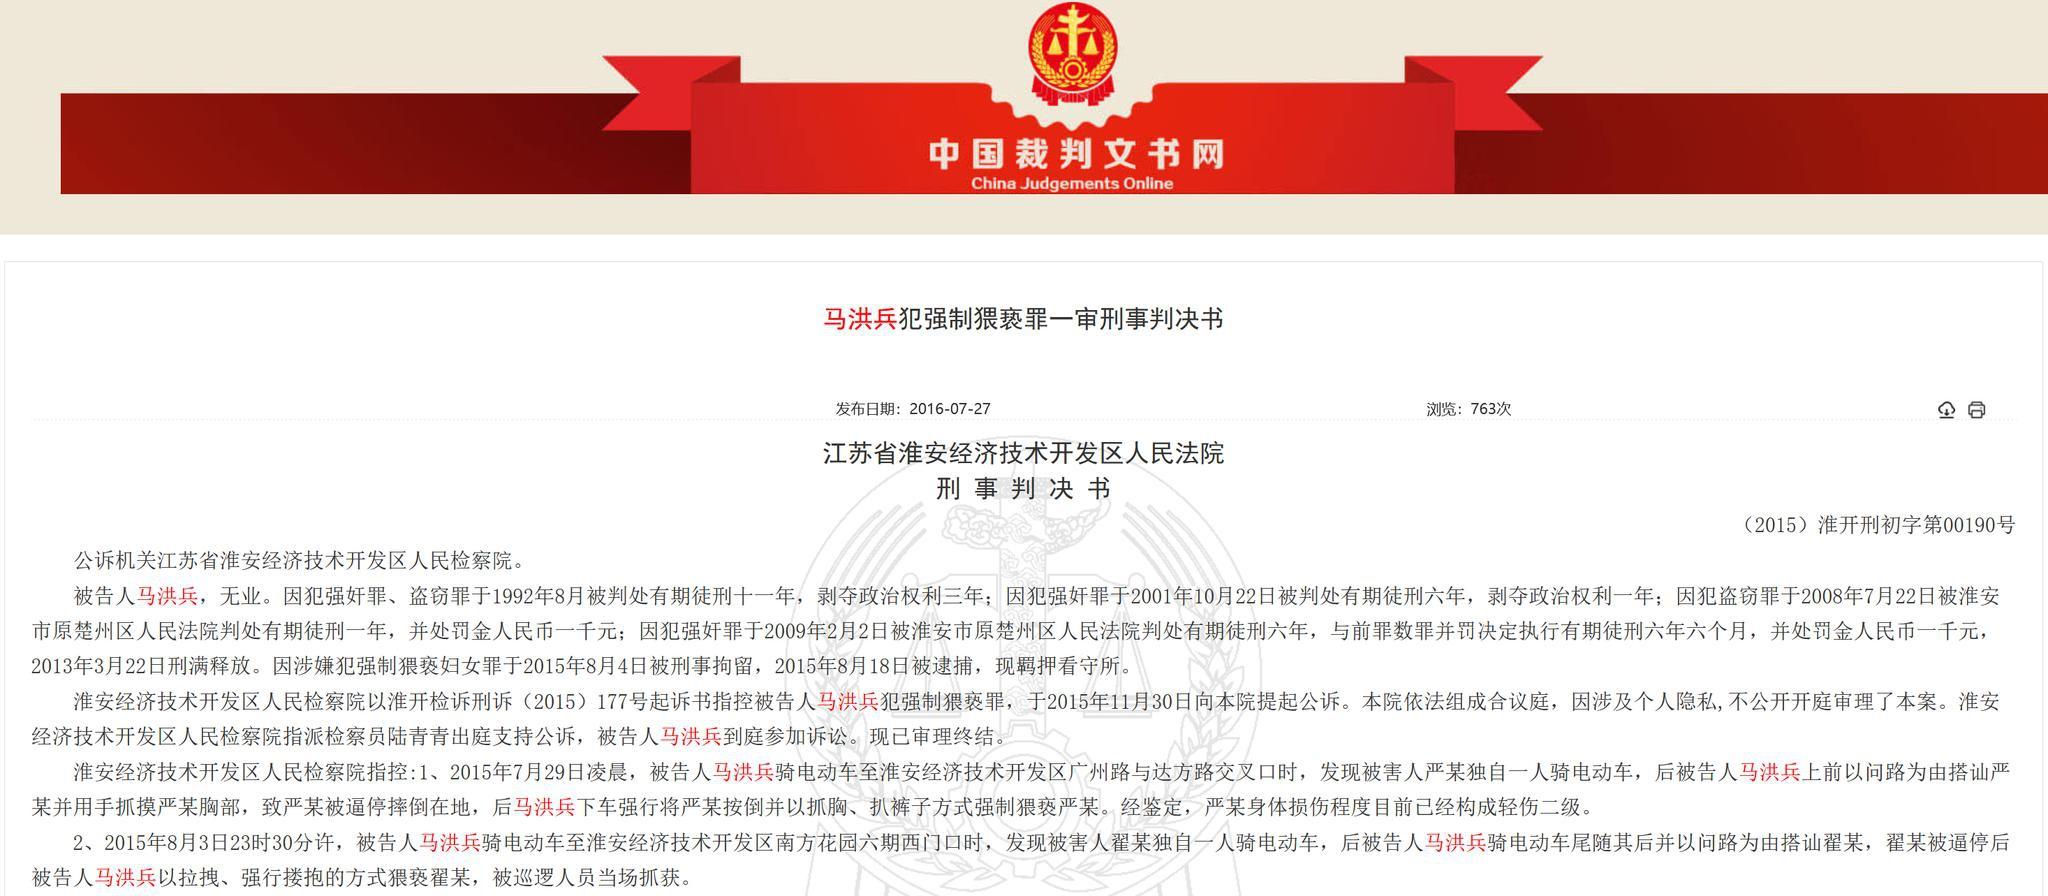 江苏淮安袭警嫌犯劣迹:6次获刑,涉强奸猥亵放火盗窃